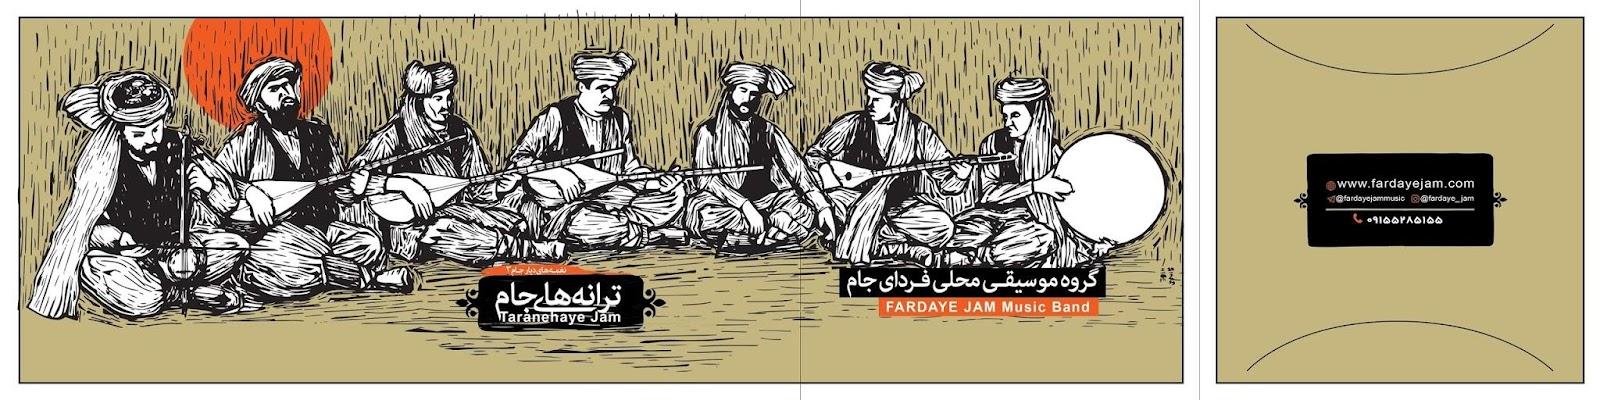 انتشار آلبوم موسیقی ترانه های جام با صدای عبدالبصیر احمدی و تنظیم حسینعلی مردانشاهی از انتشارات آوای همنواز